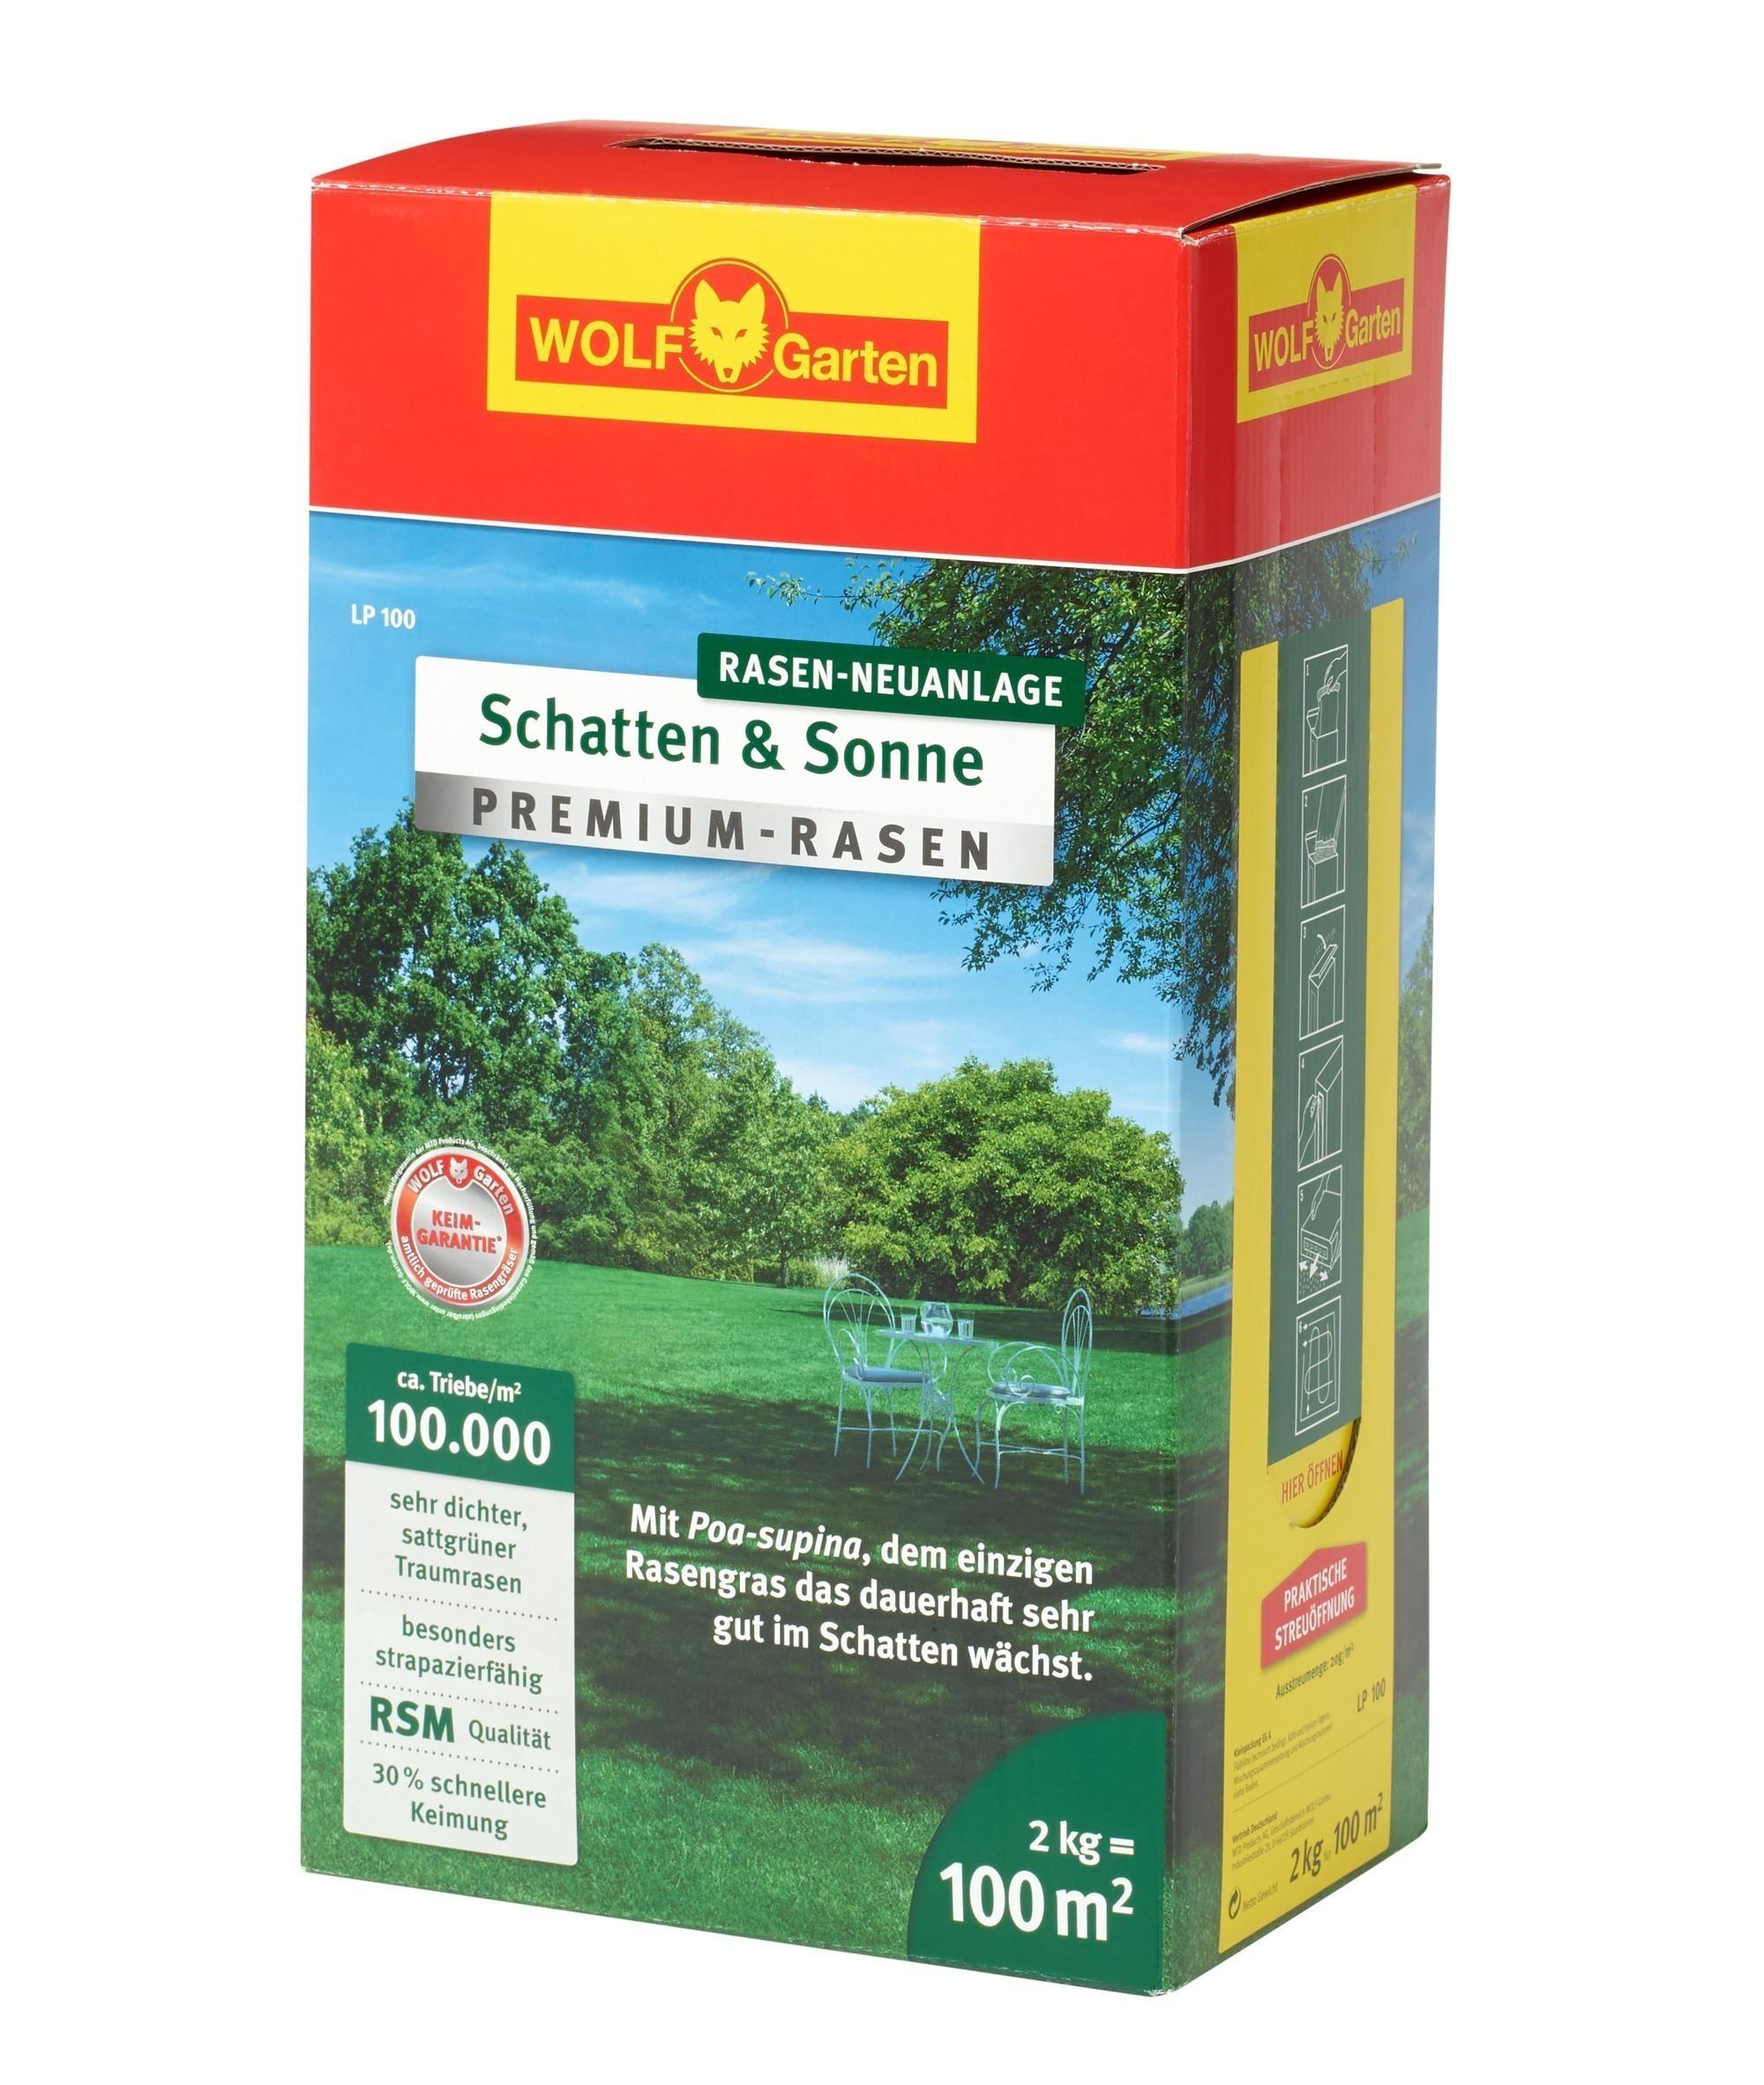 Wolf Garten Premium-Rasen Saatgut Schatten & Sonne LP100 für 100m² Bild 1